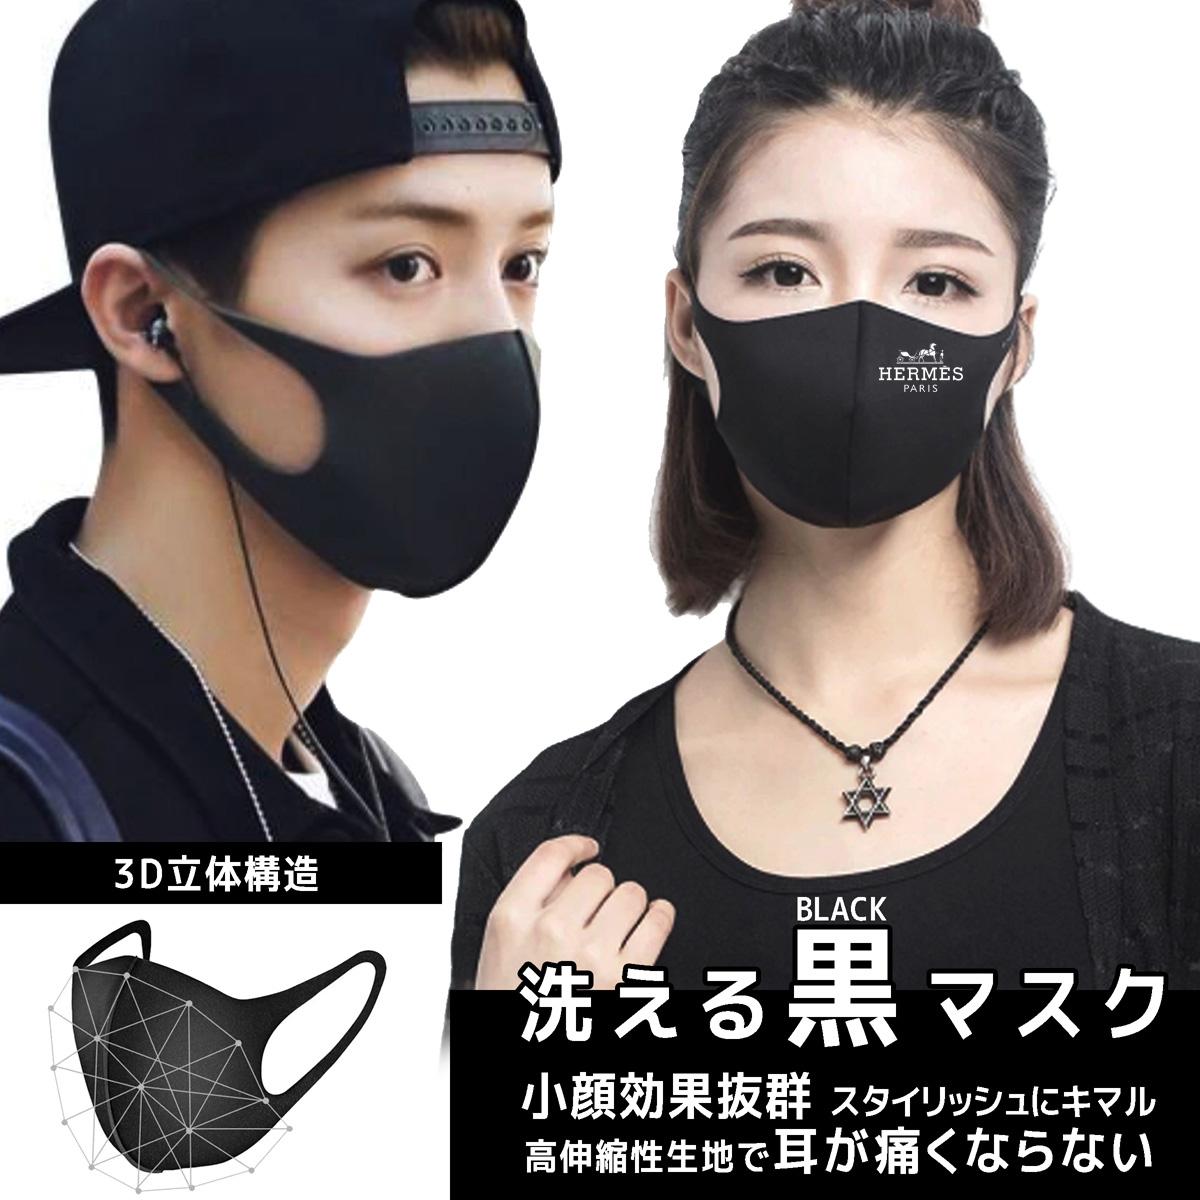 エルメスマスク夏も快適マスク冷感 涼しいマスク速乾素材 通気性良い